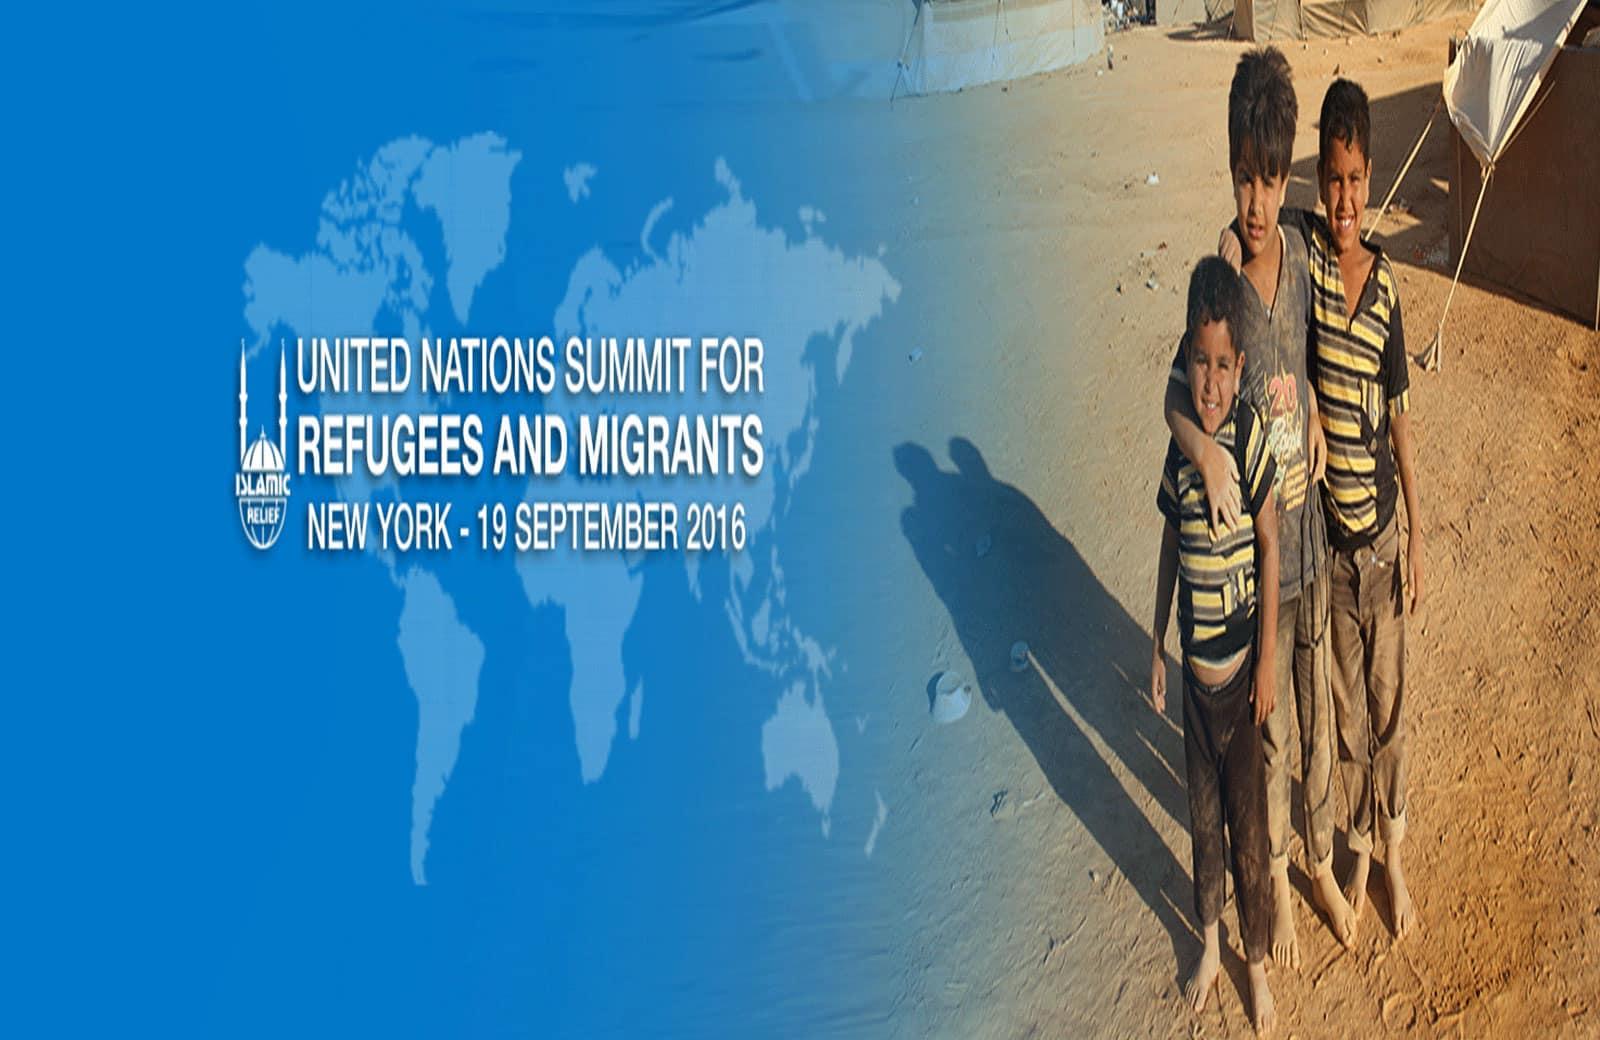 UN-Refugee-Summit